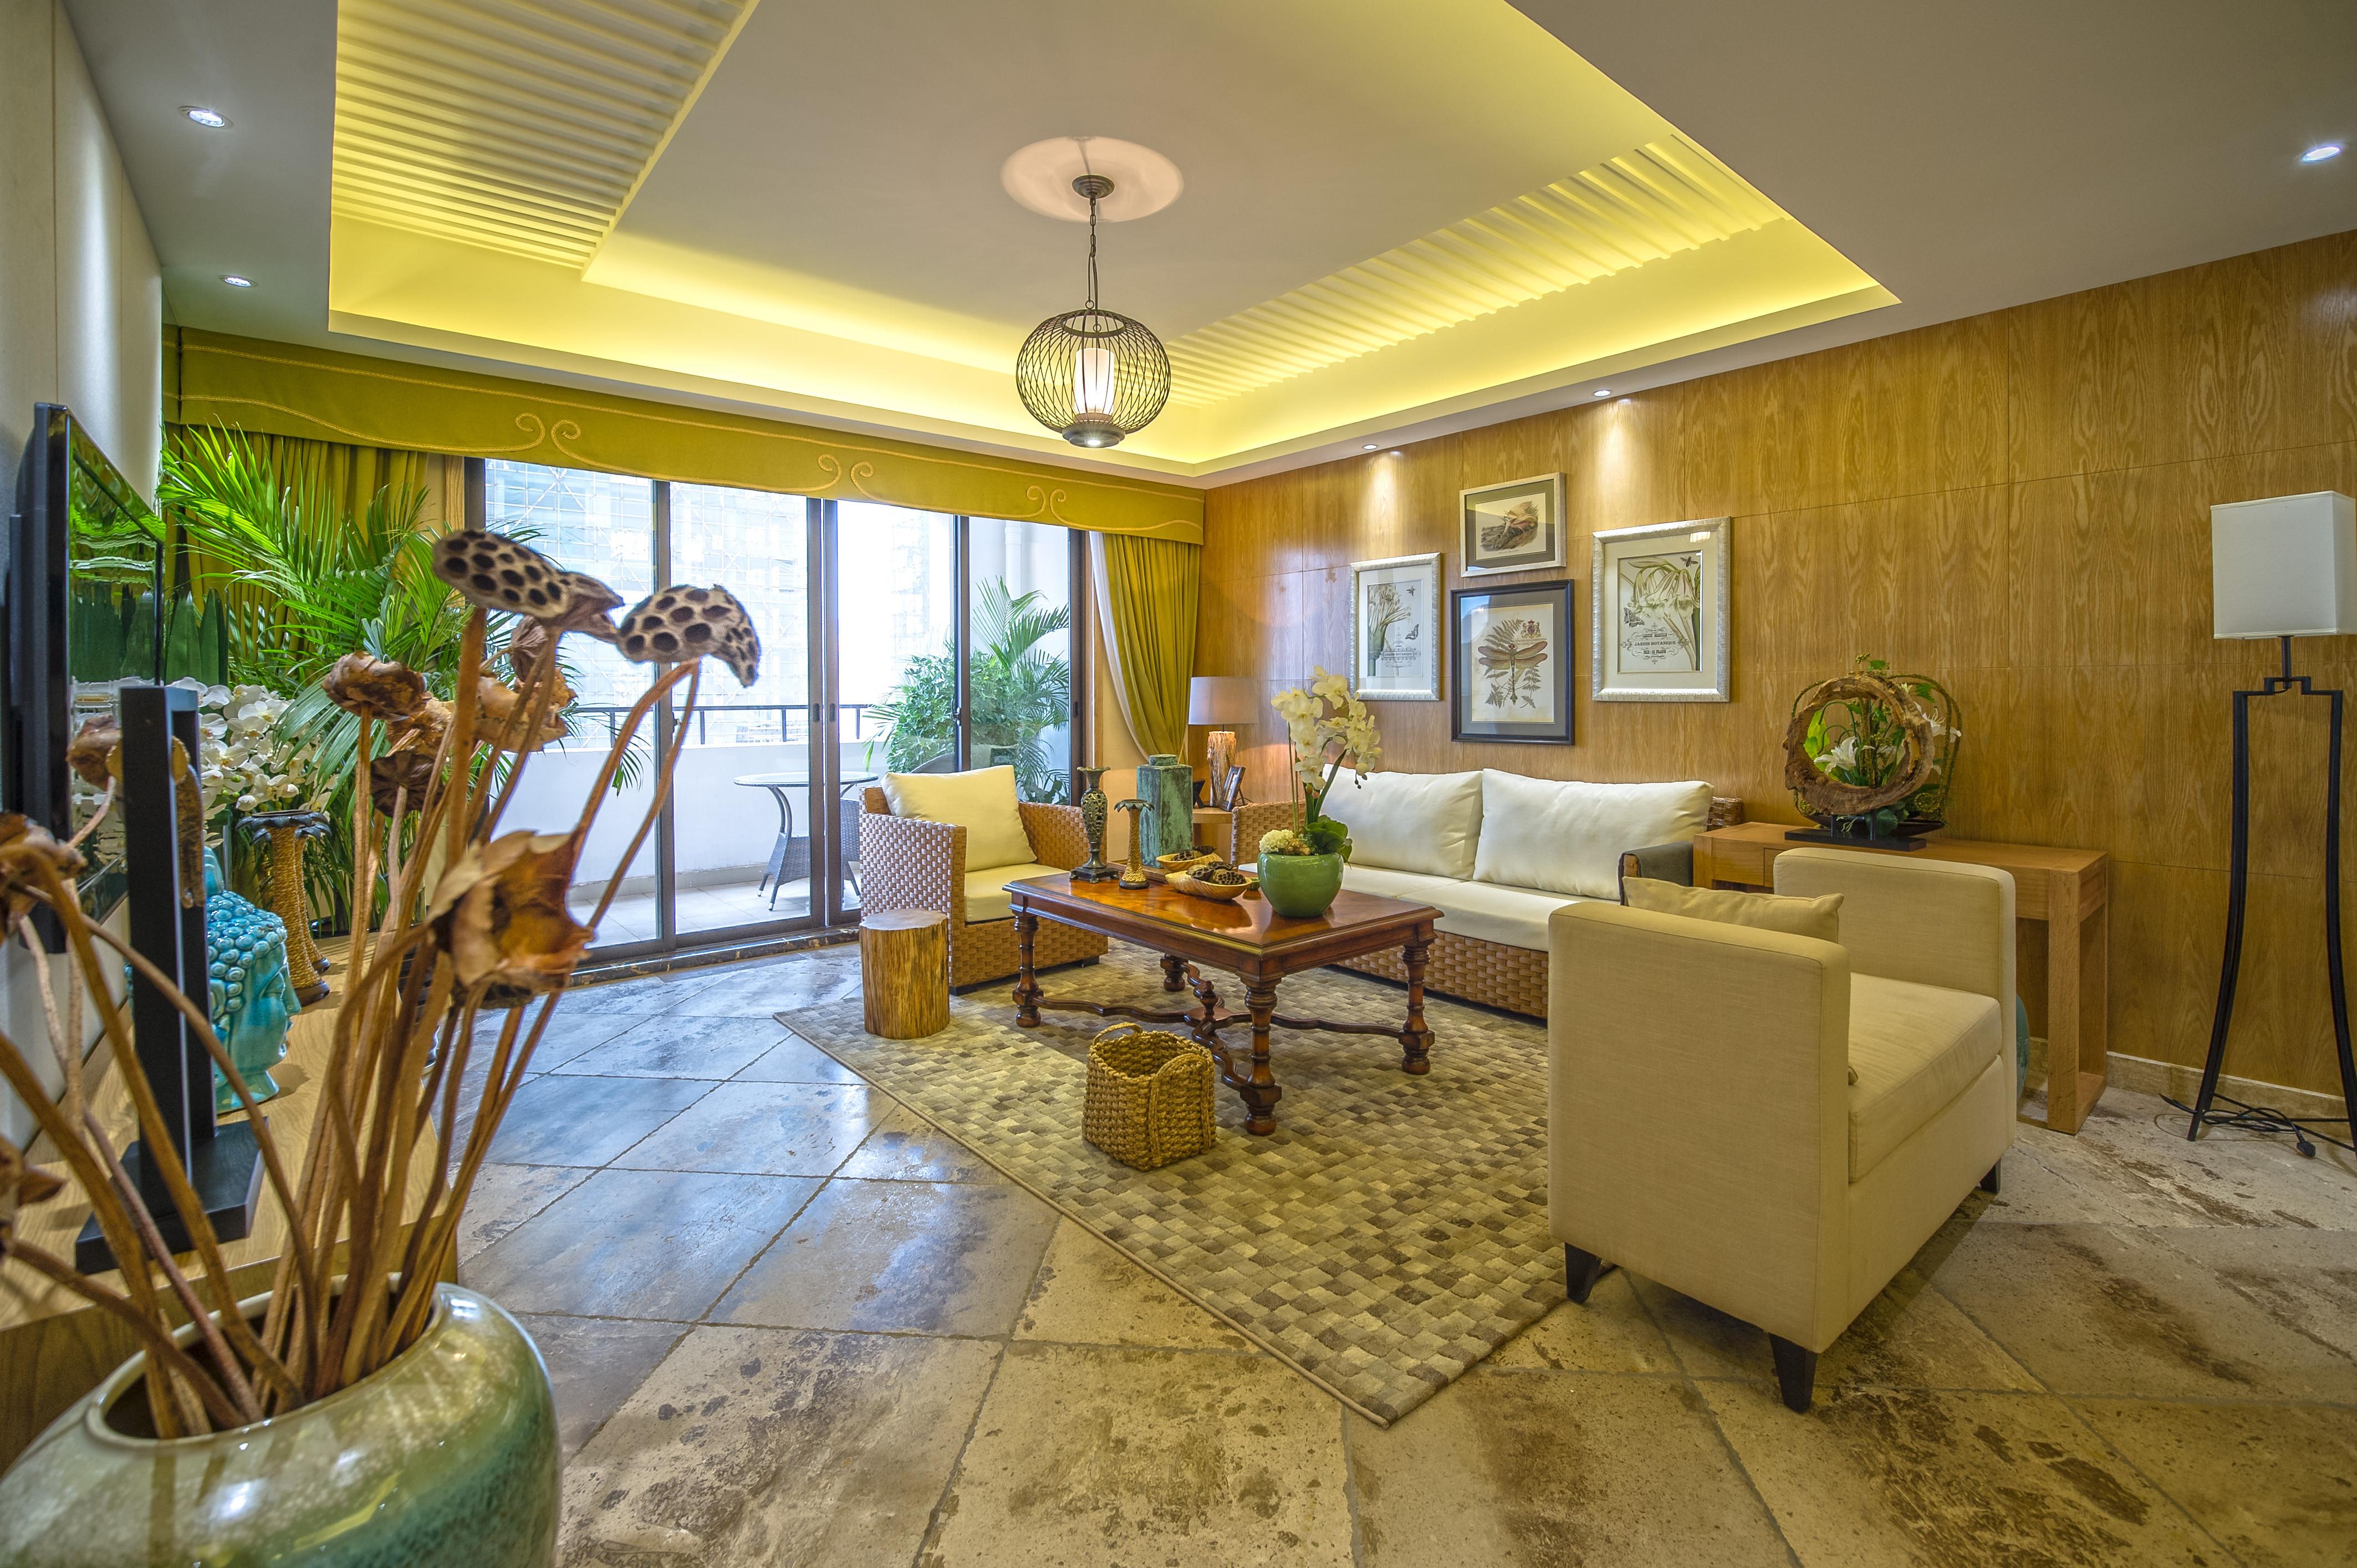 130平东南亚风情装修客厅装潢图